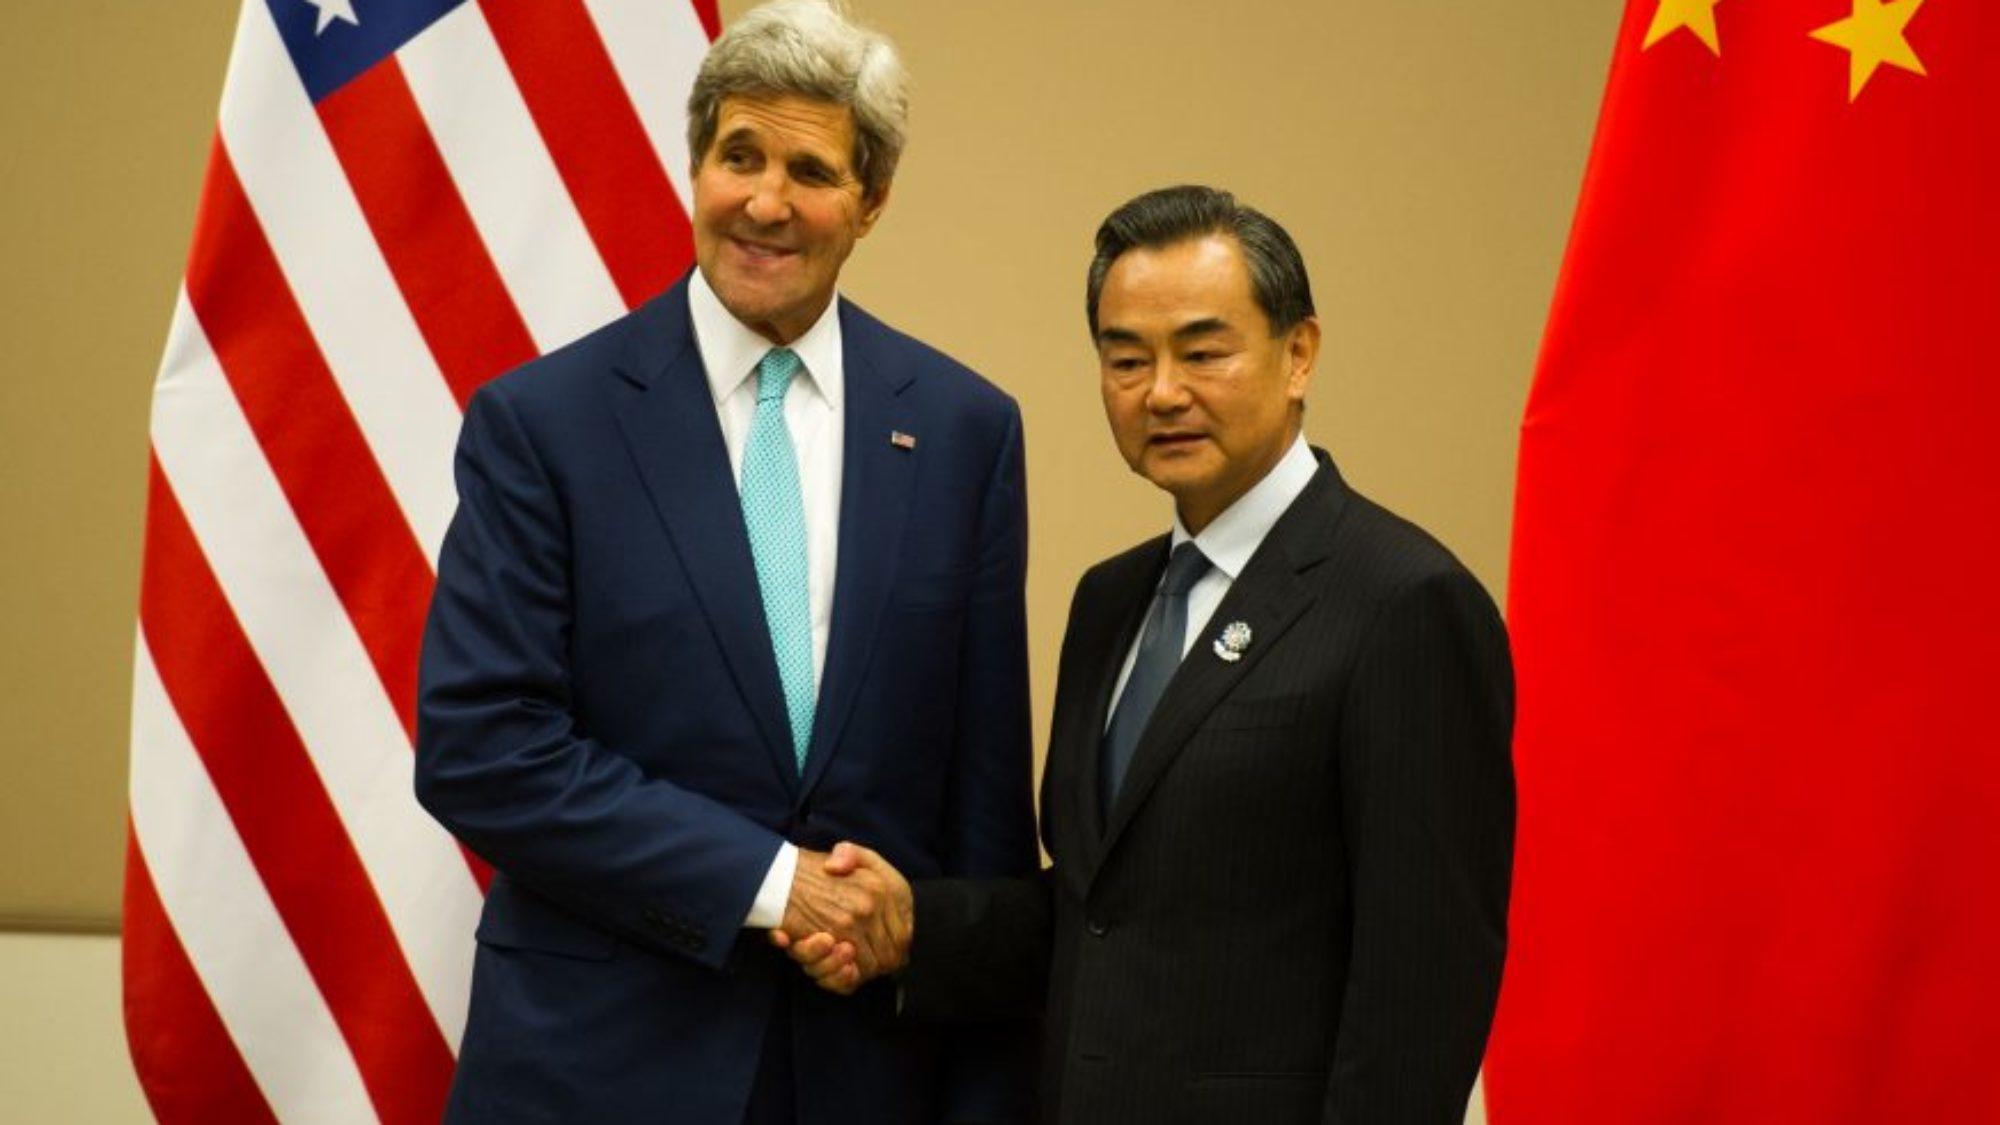 John Kerry and Wang Yi shaking hands